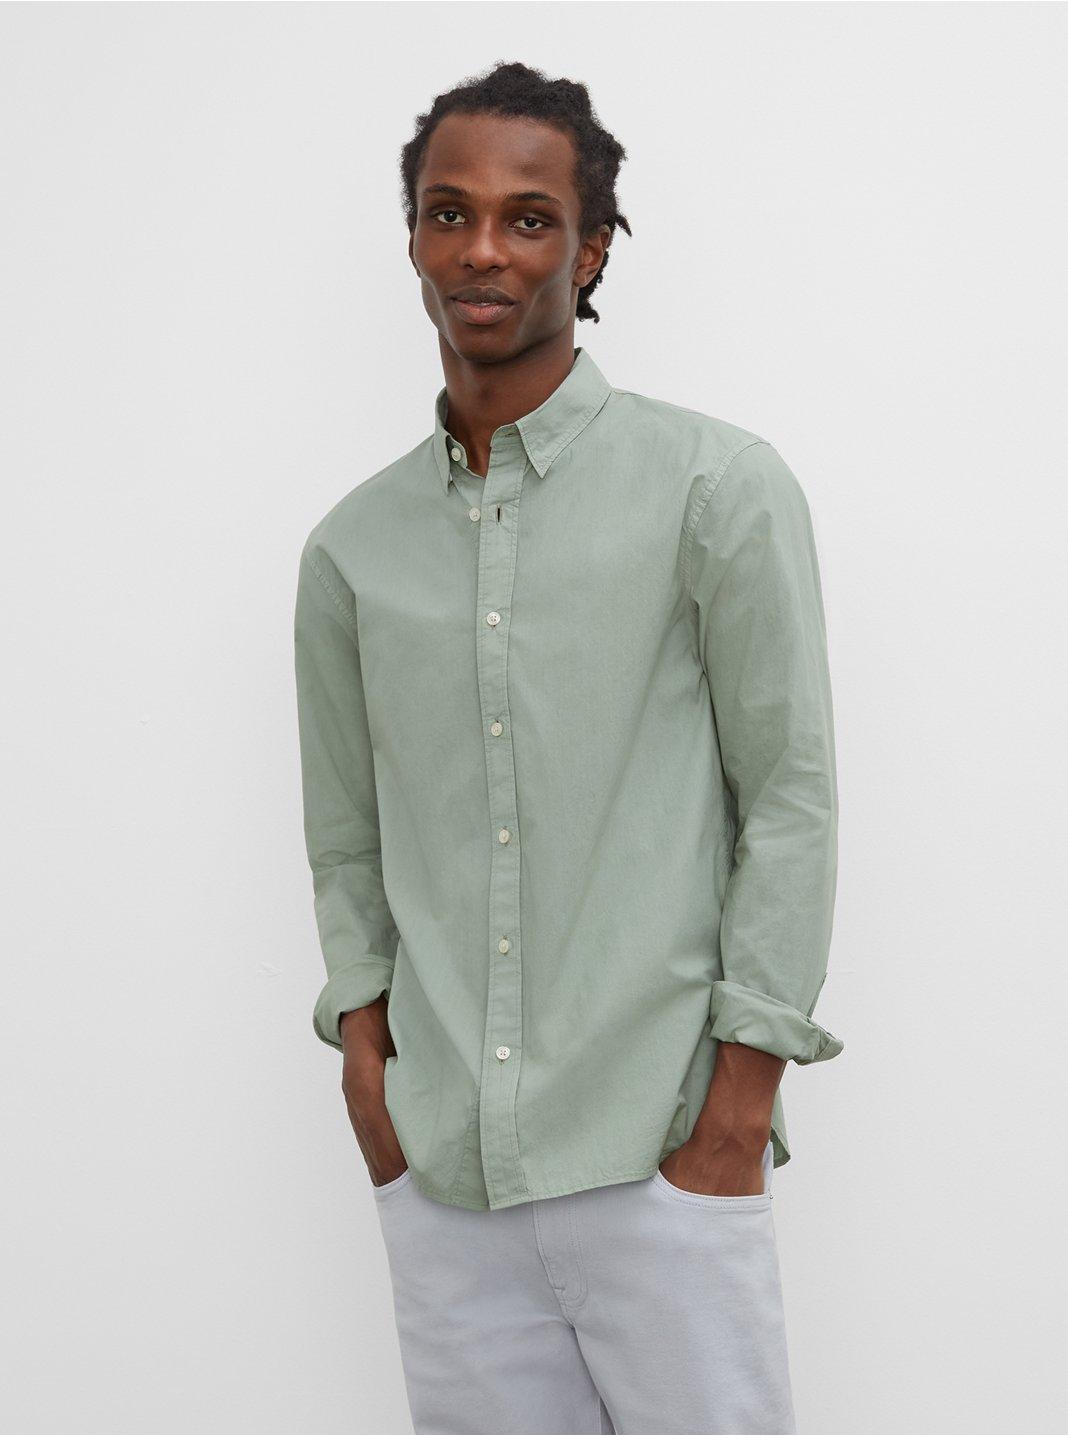 클럽 모나코 맨 티 다이 포플린 셔츠 - 그린 Club Monaco Long Sleeve Tea Dyed Poplin Shirt 577577